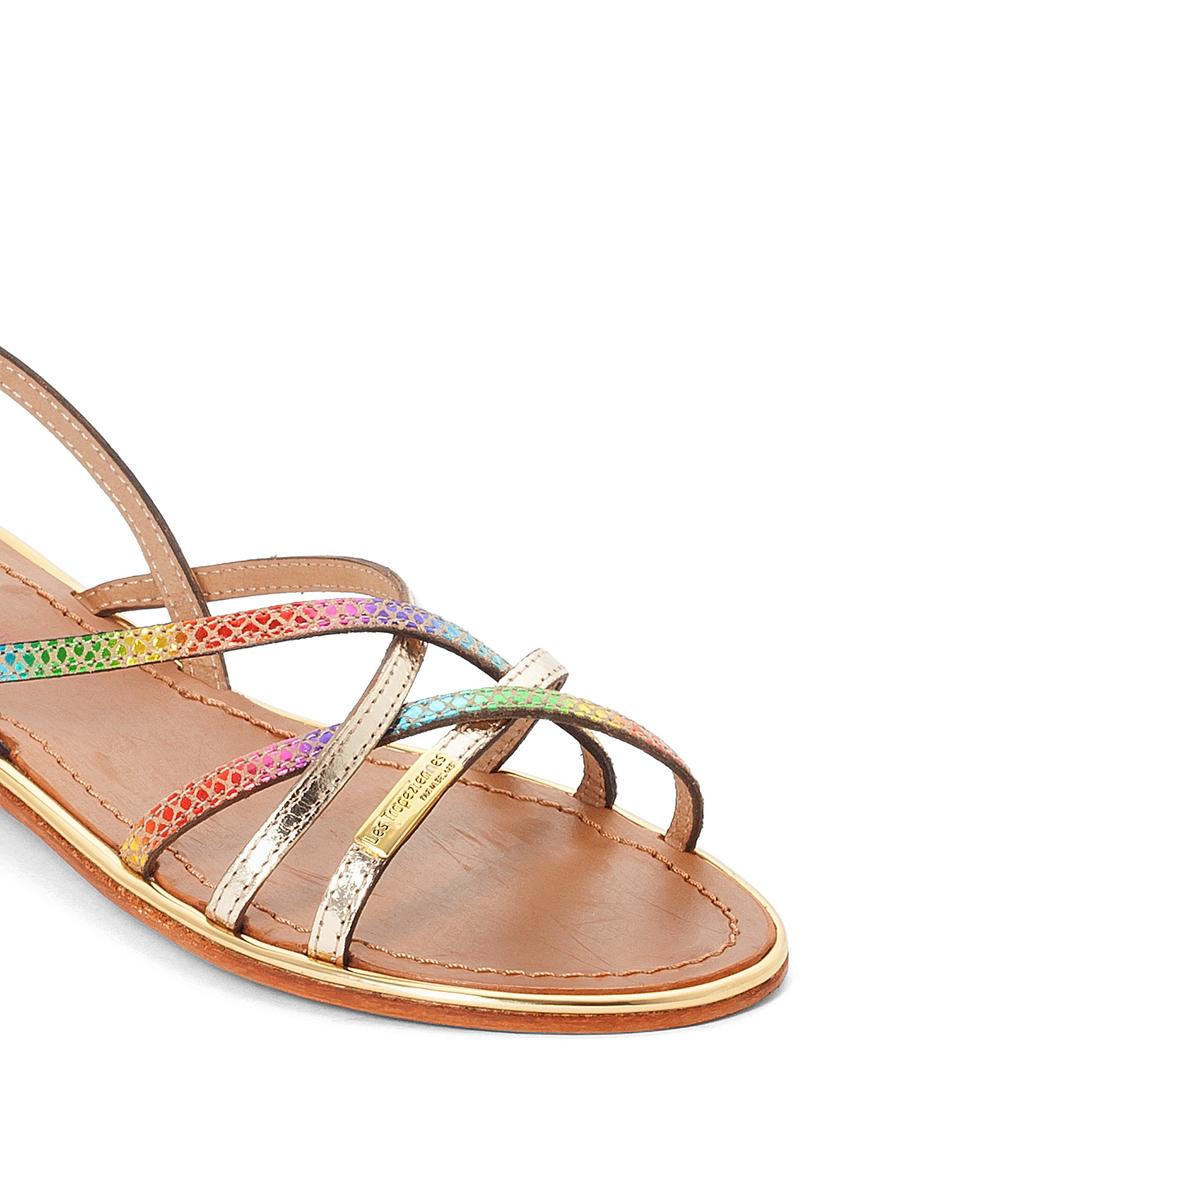 Босоножки кожаные BelleВерх : кожа   Подкладка : кожа   Стелька : кожа   Подошва : кожа   Высота каблука : плоский   Форма каблука : плоский   Мысок : открытый   Застежка : пряжка<br><br>Цвет: разноцветный